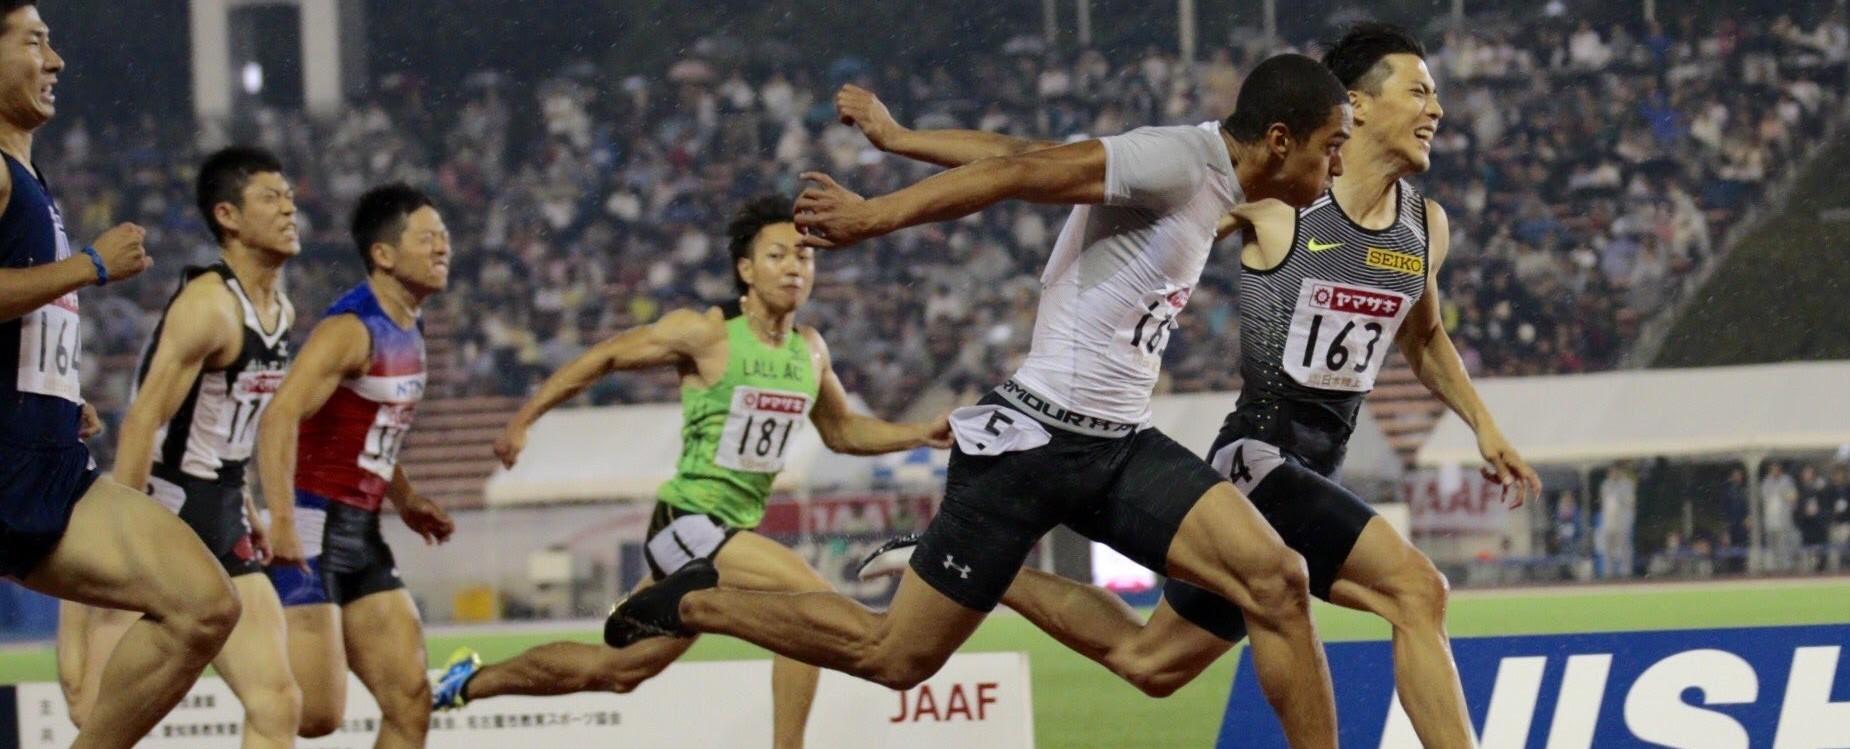 日本がスポーツ大国だと言う事実wwwwwwwwwwwwwwwwwwww